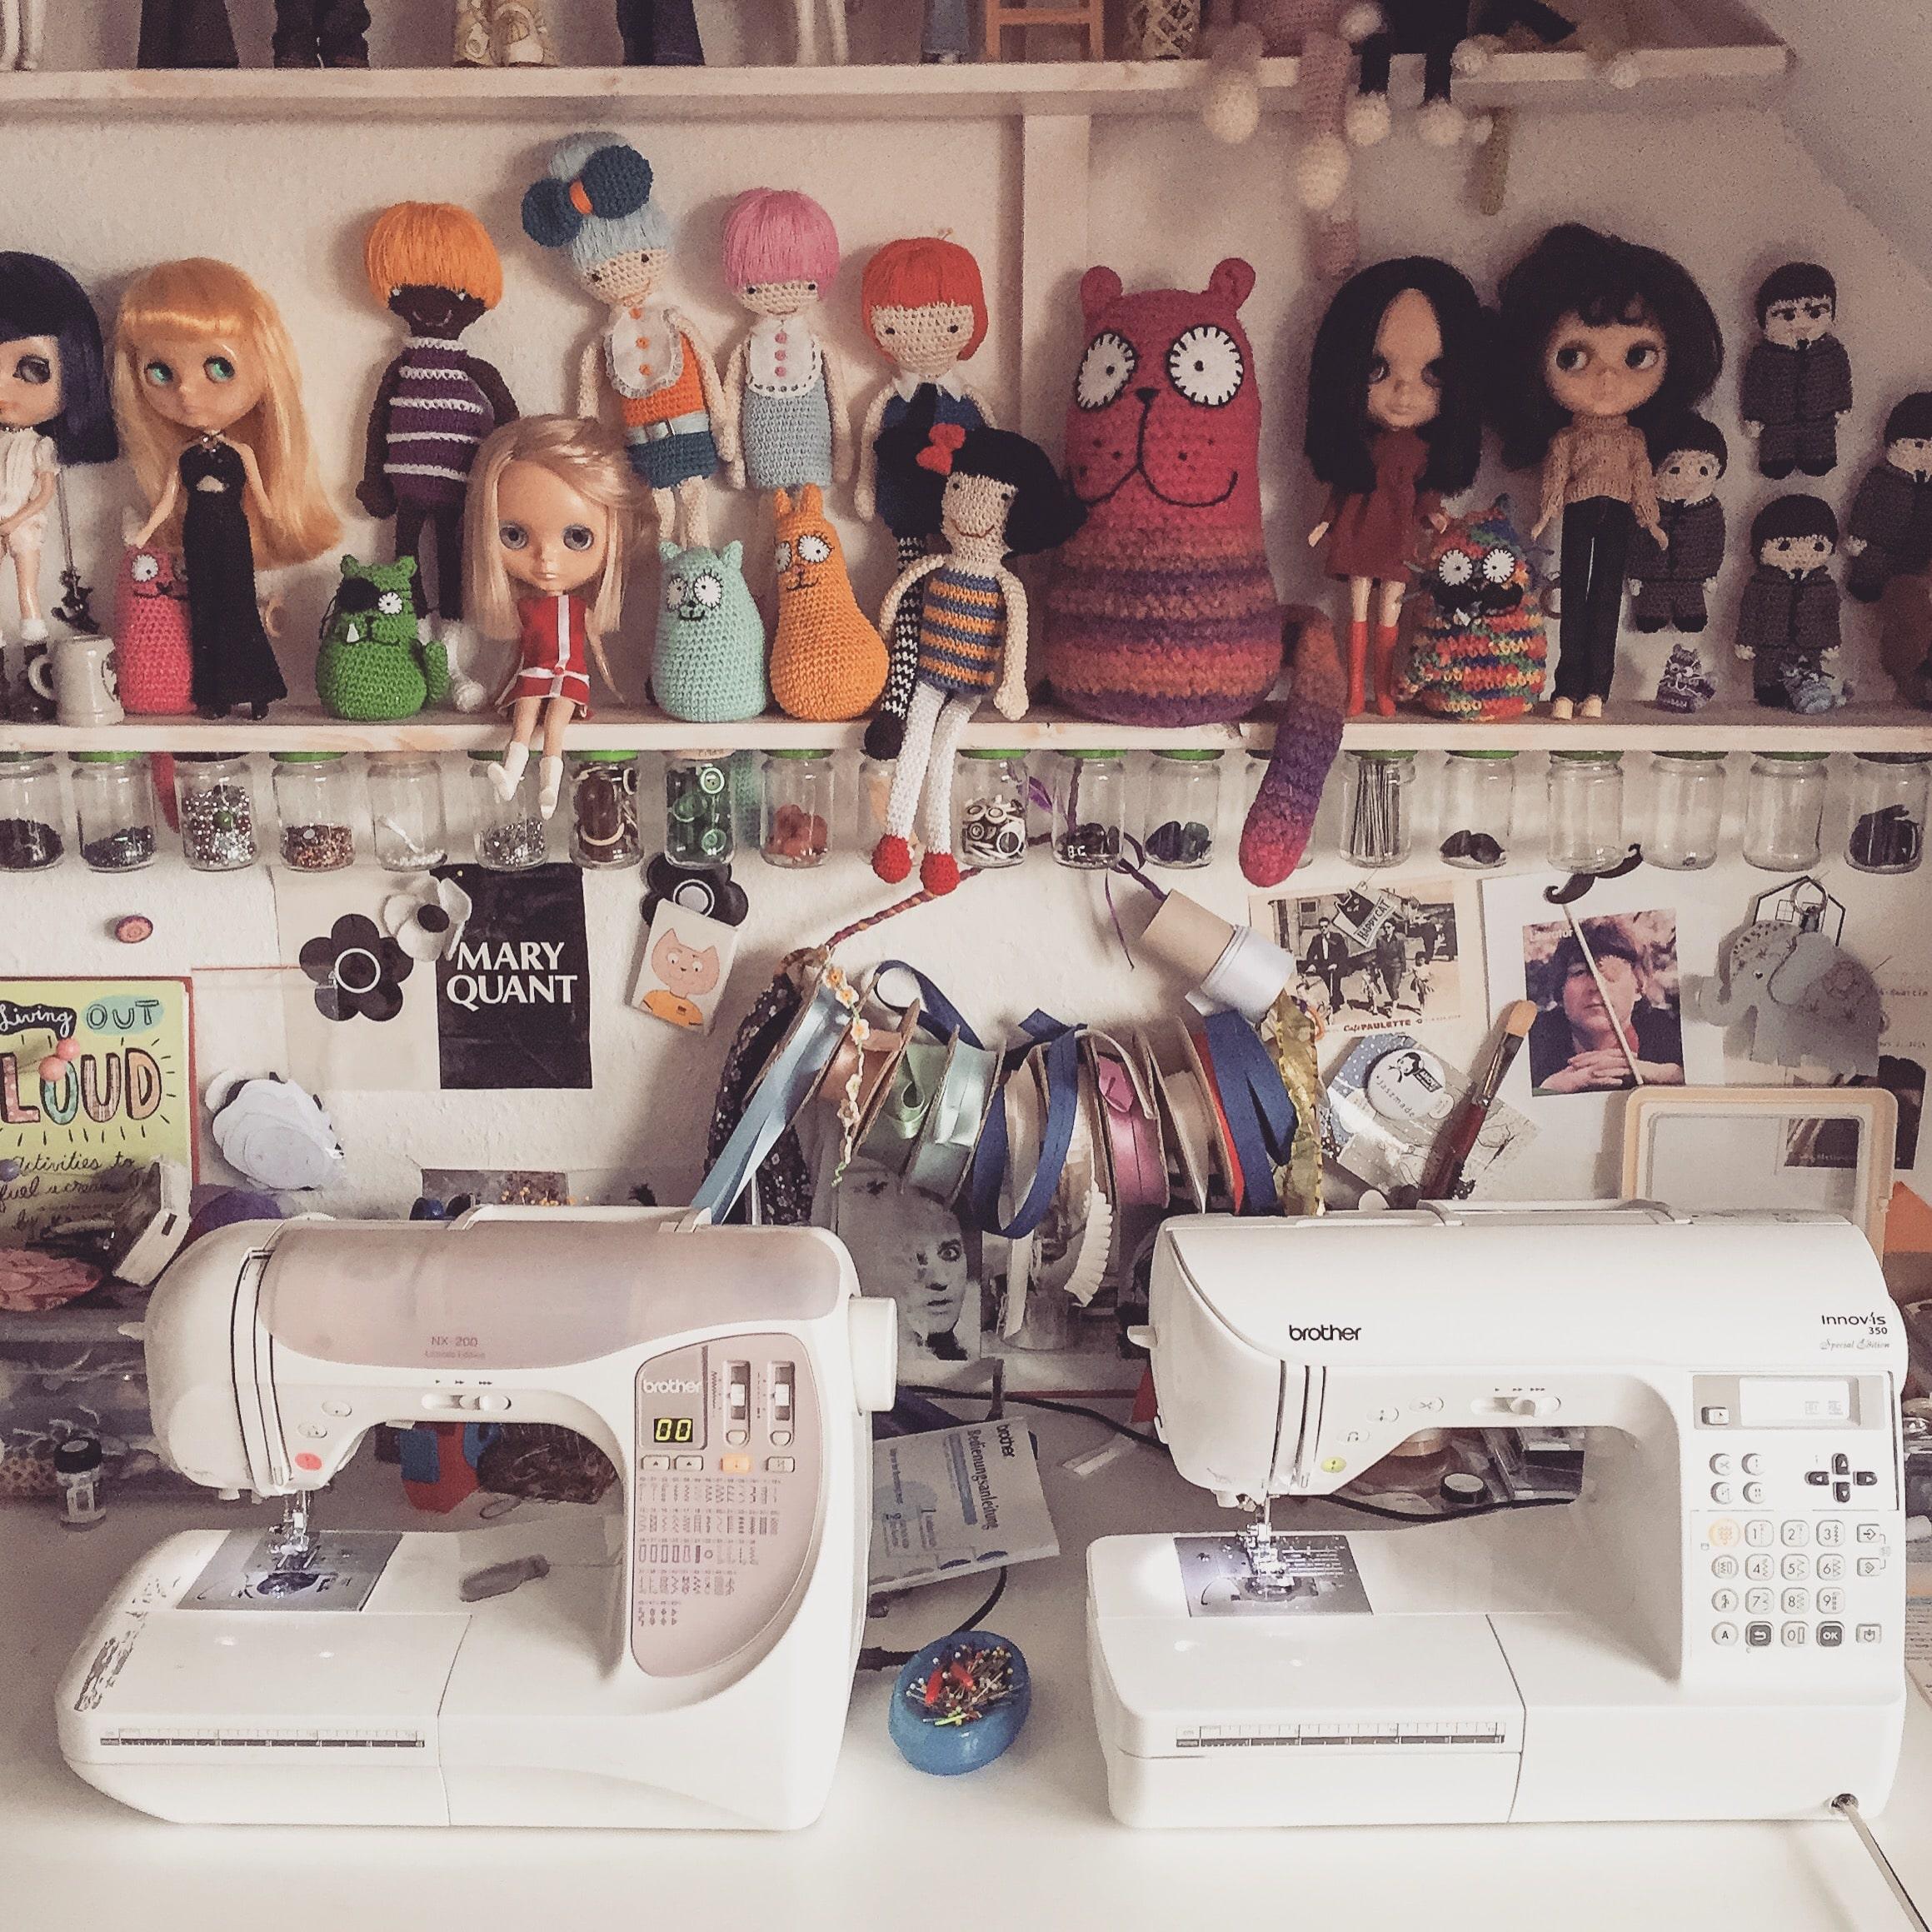 Nähmaschinenalarm bei Schwatz Katz